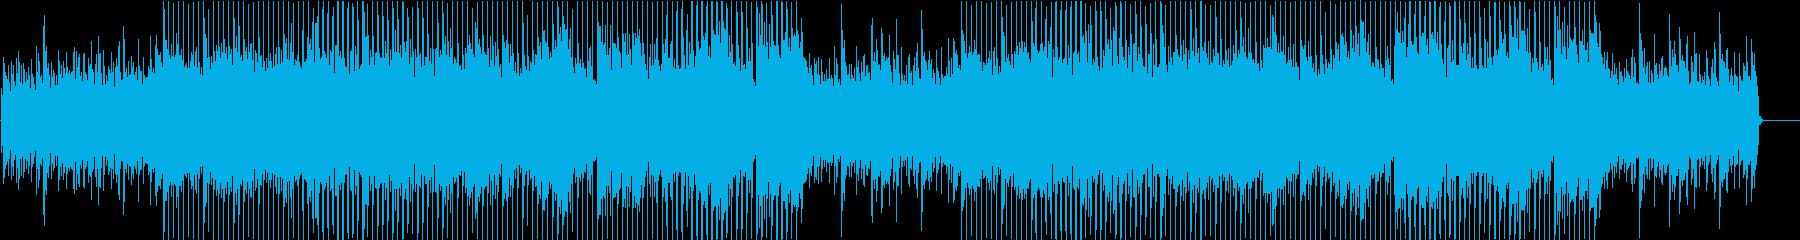 さわやかな朝を思わせるアコギのBGMの再生済みの波形